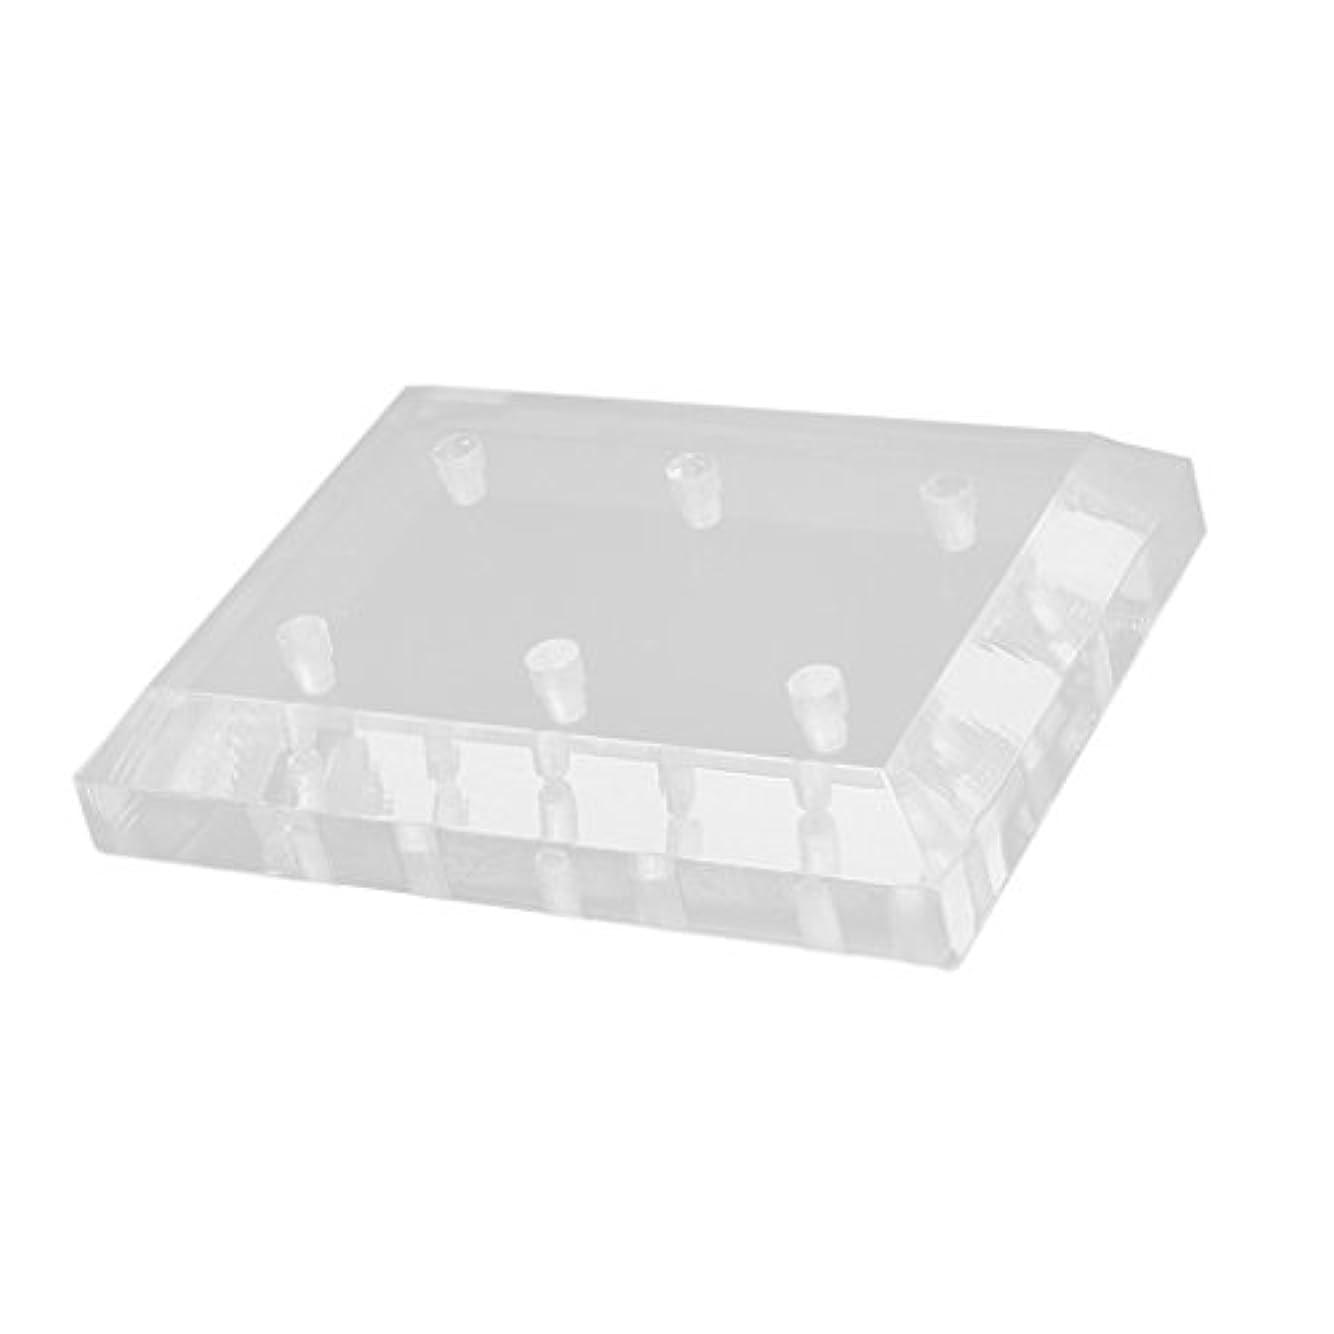 面積白雪姫一般的に言えばDYNWAVE ネイル ドリルビットスタンド ホルダー 6穴 クリア アクリル 整理 収納 用品